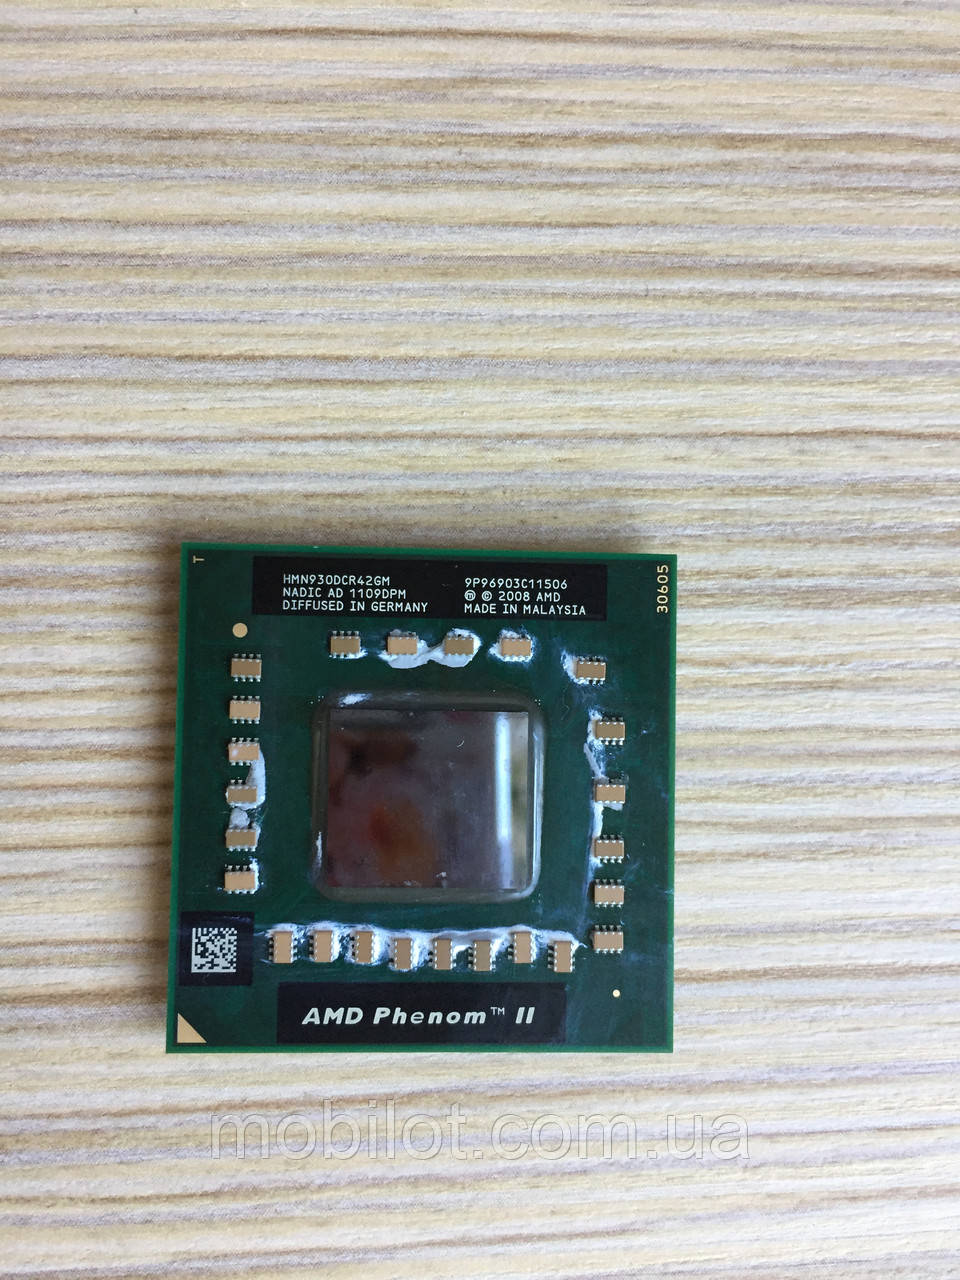 Процессор AMD Phenom II X4 N930 (NZ-2264)